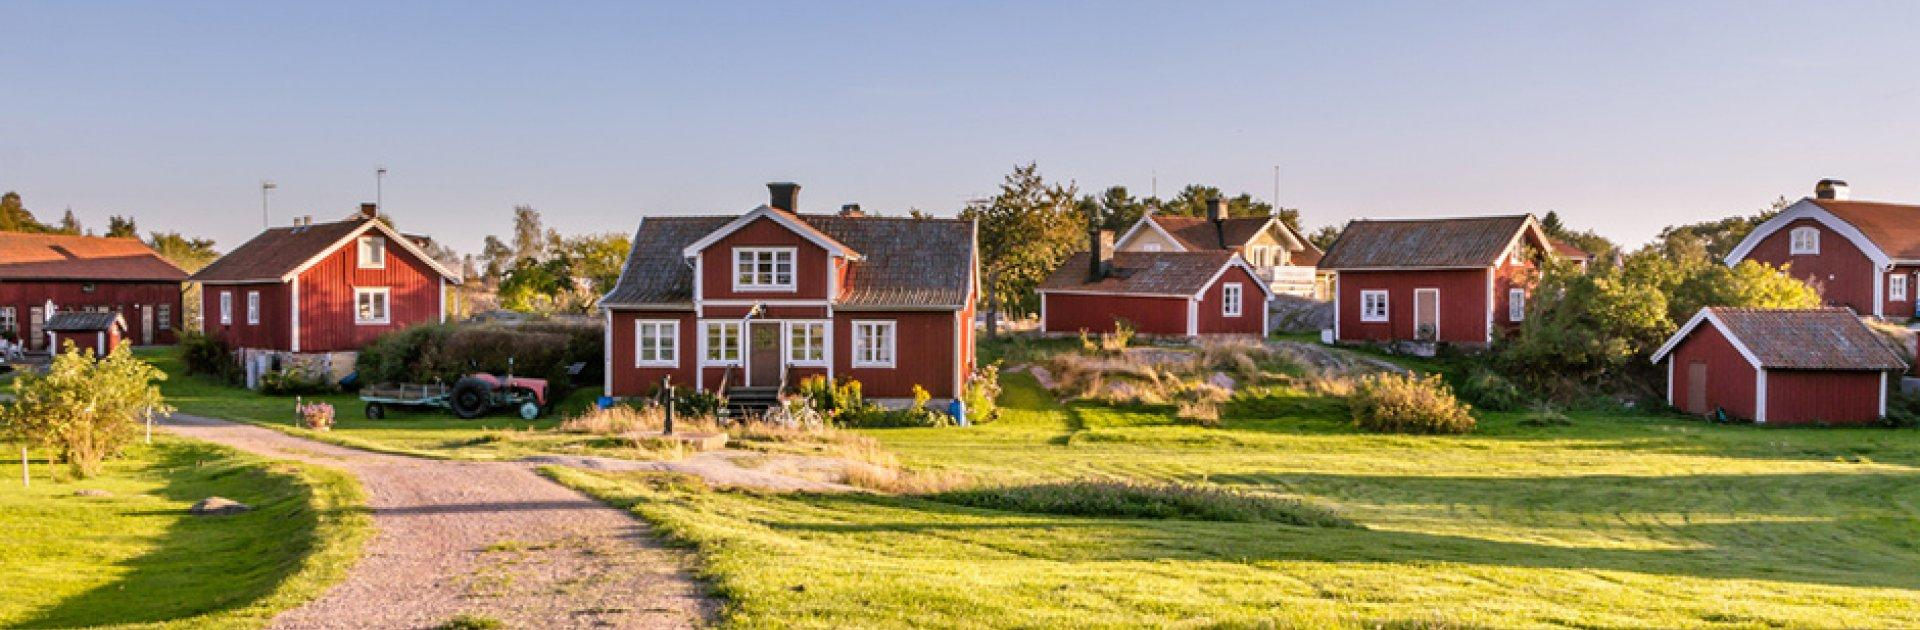 Ferienhäuser in Schweden